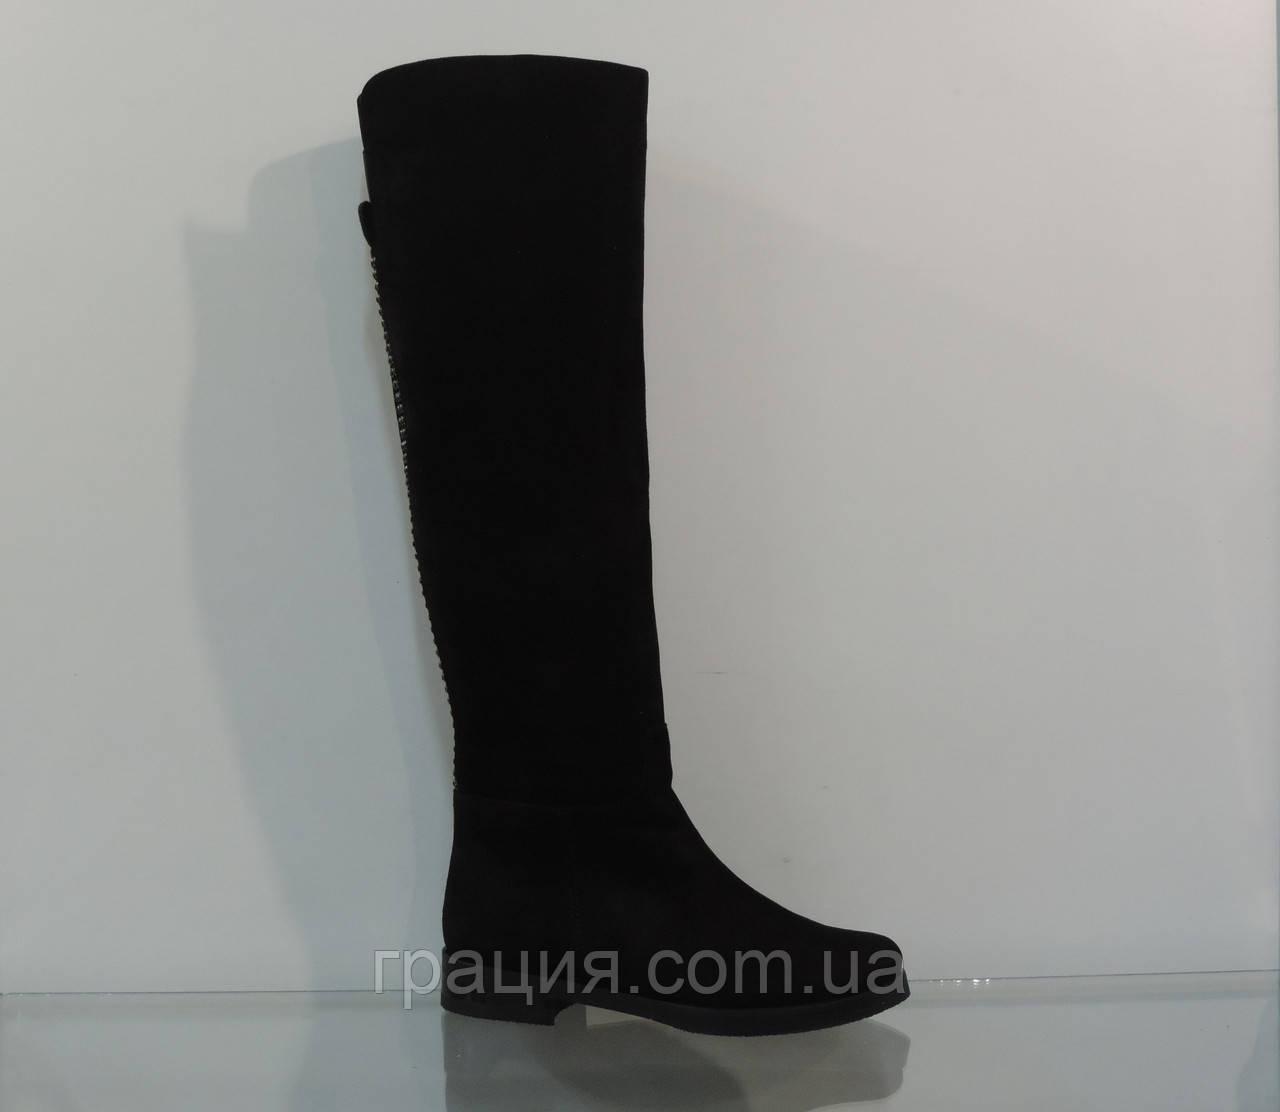 Модные женские замшевые зимние сапожки на маленьком каблуке